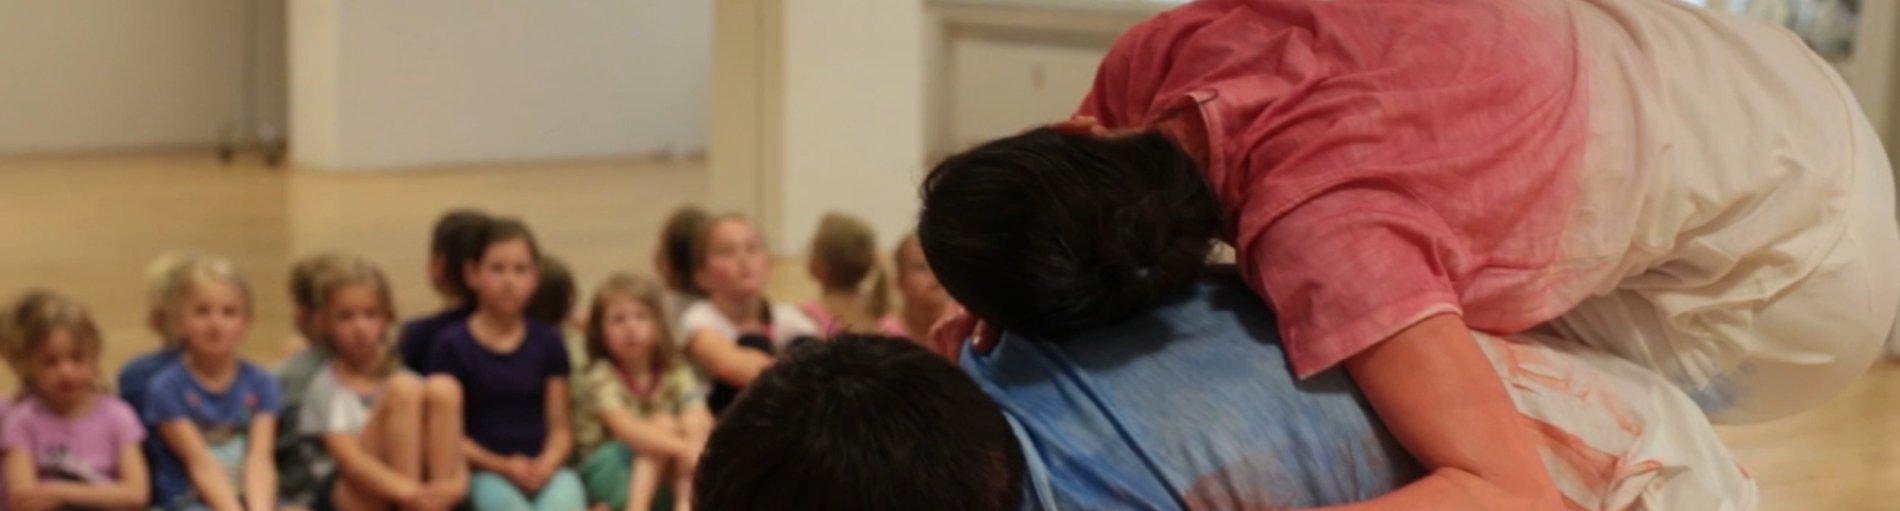 Tanzperformance vor einer Gruppe Kindern